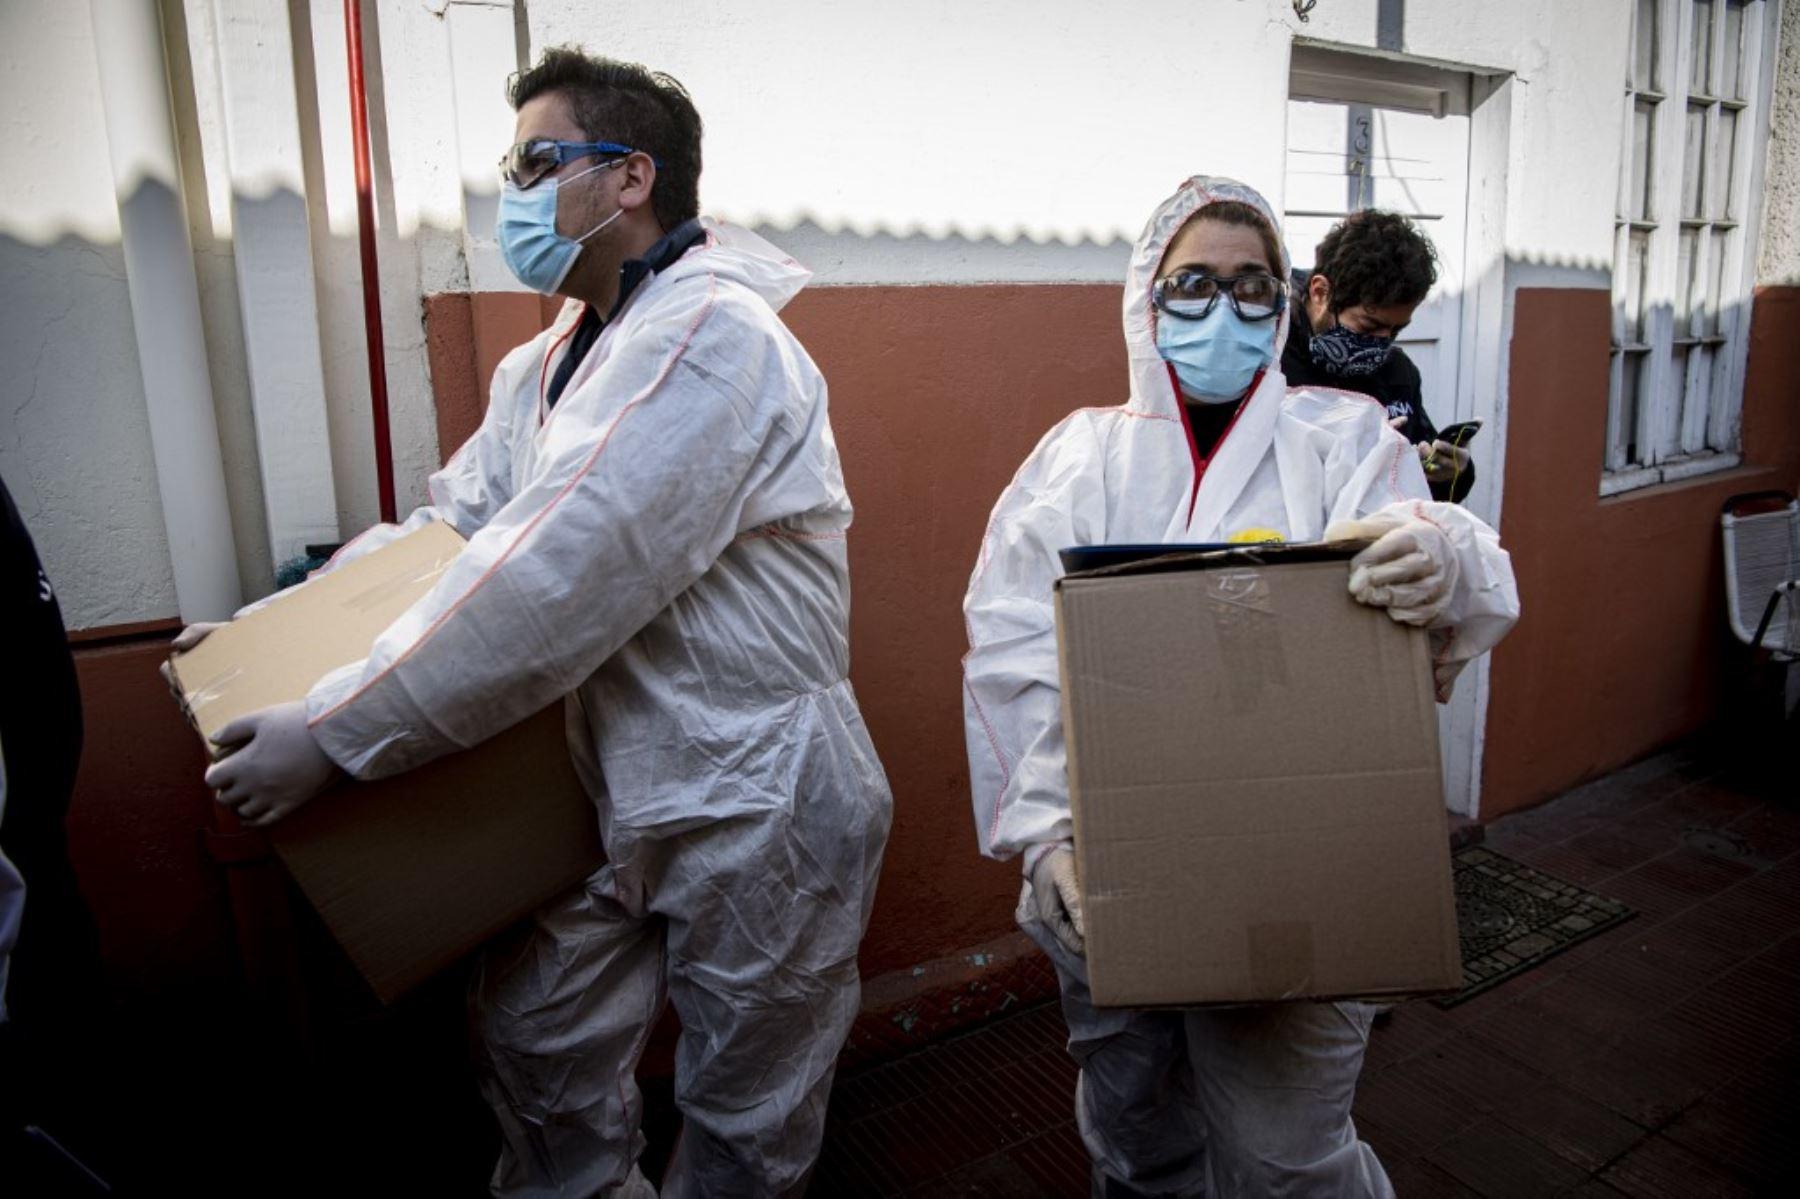 Los trabajadores municipales de Santiago de Chile preparan la entrega de cajas con alimentos a familias económicamente afectadas durante la cuarentena obligatoria ordenada por el gobierno. Foto: AFP